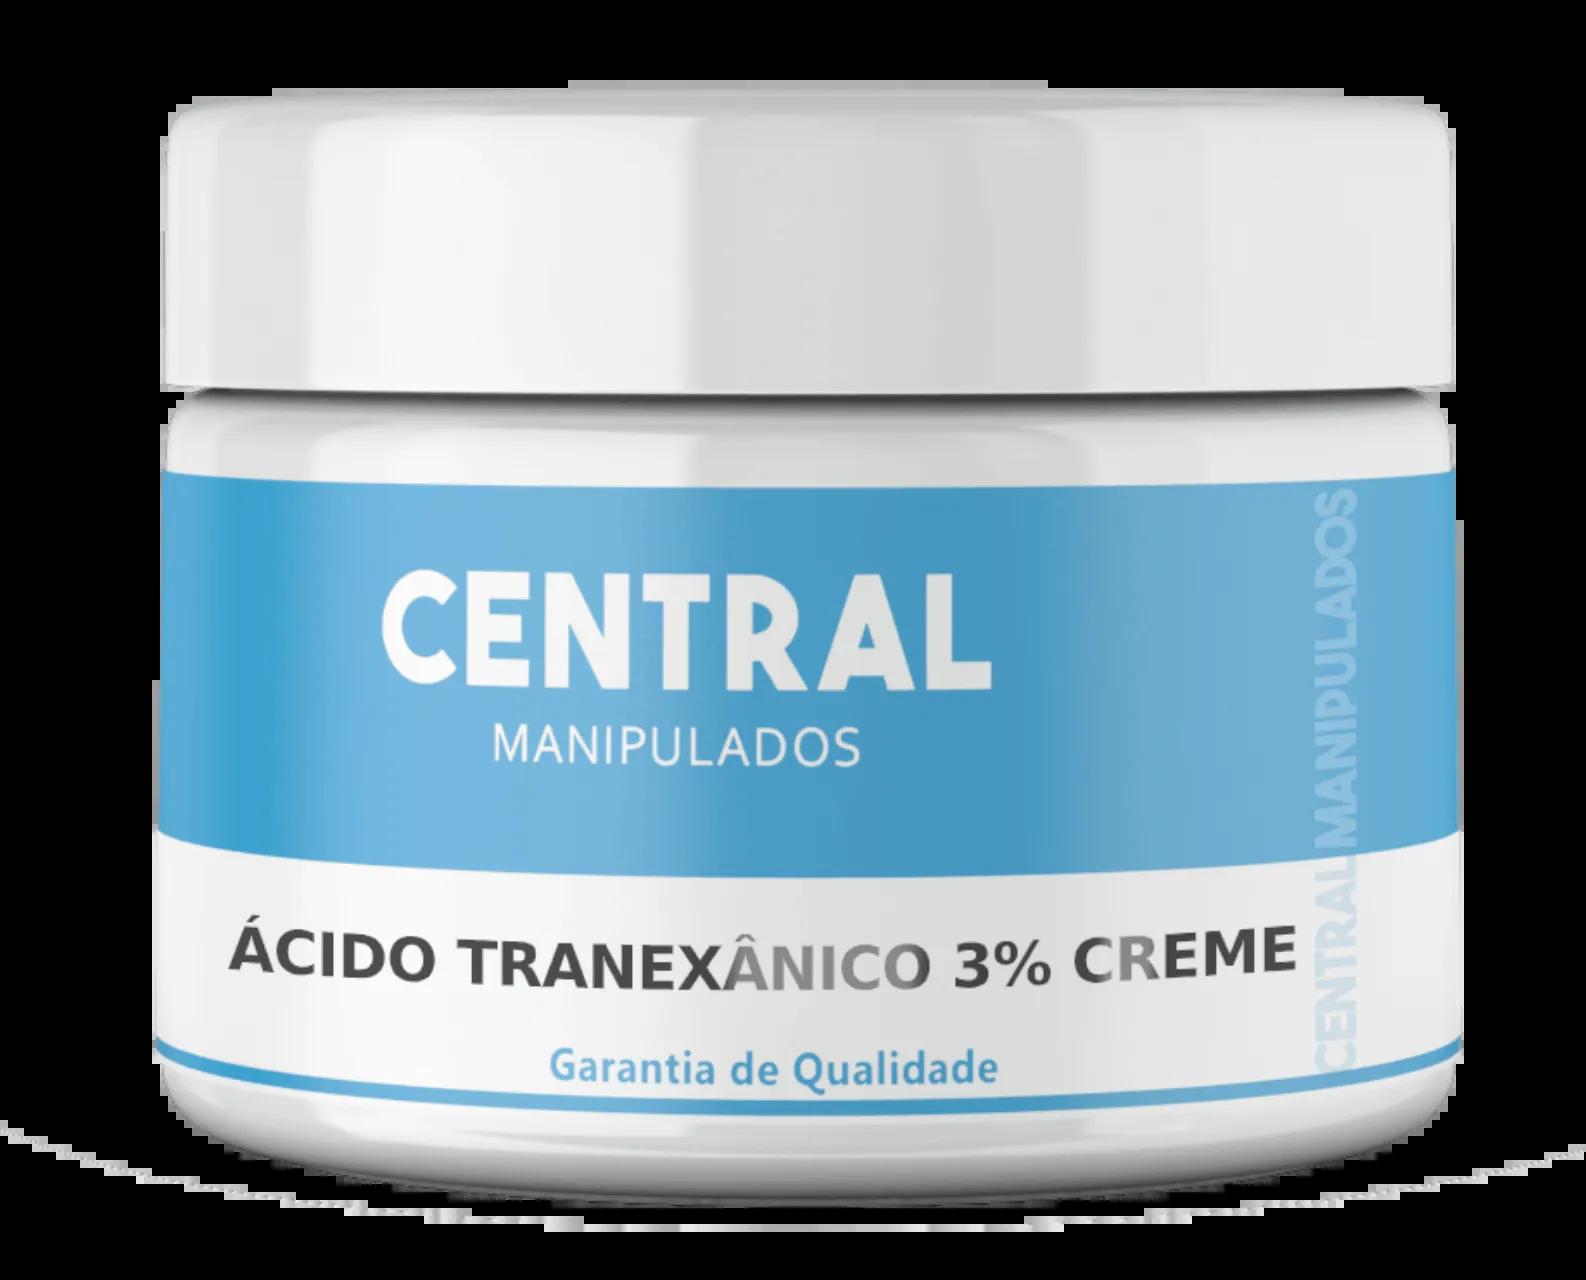 Ácido Tranexânico 3% - 30g Creme - Tratamento de melasmas (manchas na pele)